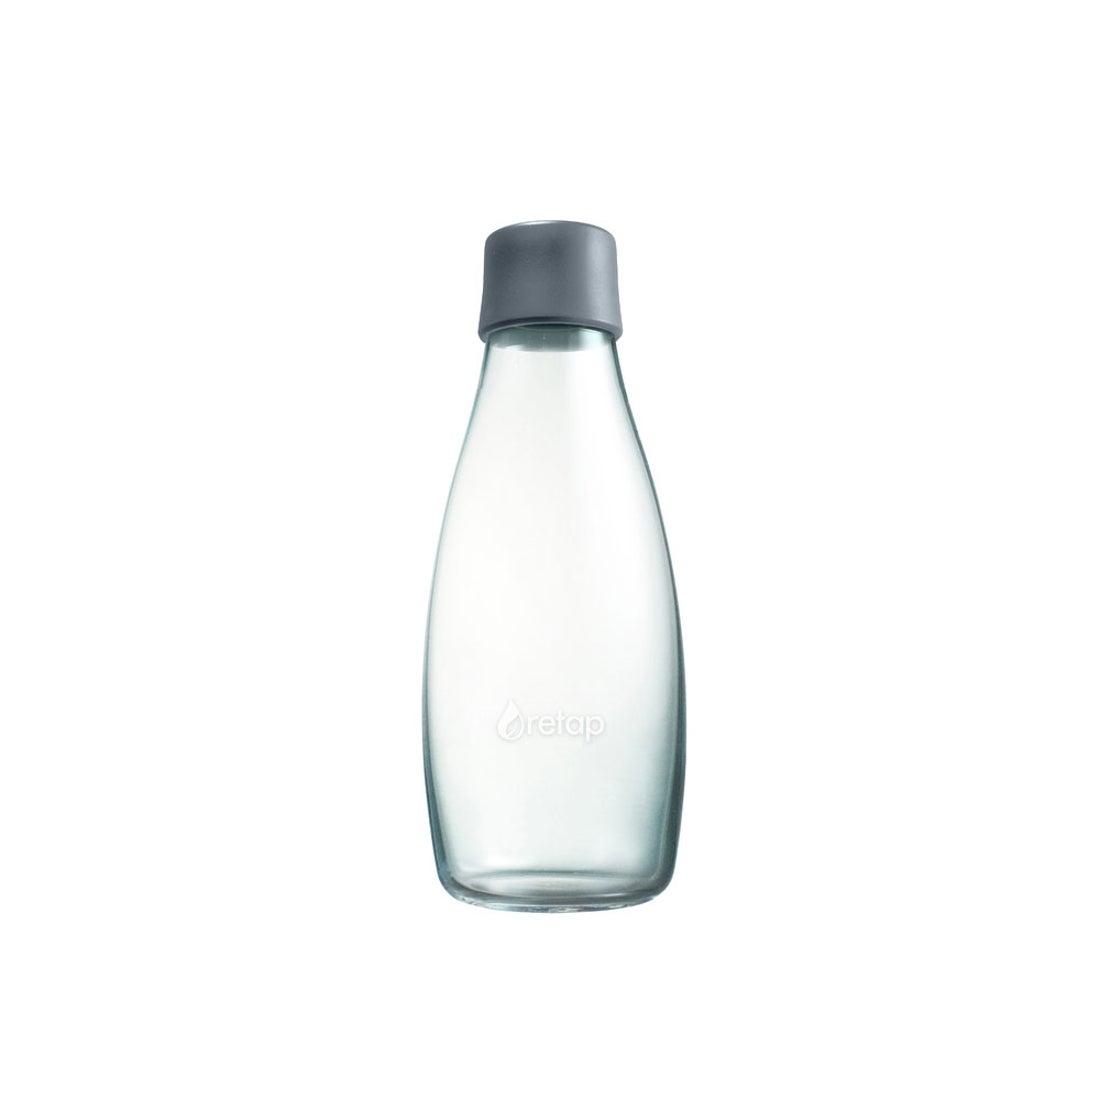 ノーブランド No Brand retapbottle05 リタップボトル 500ml (グレイ)